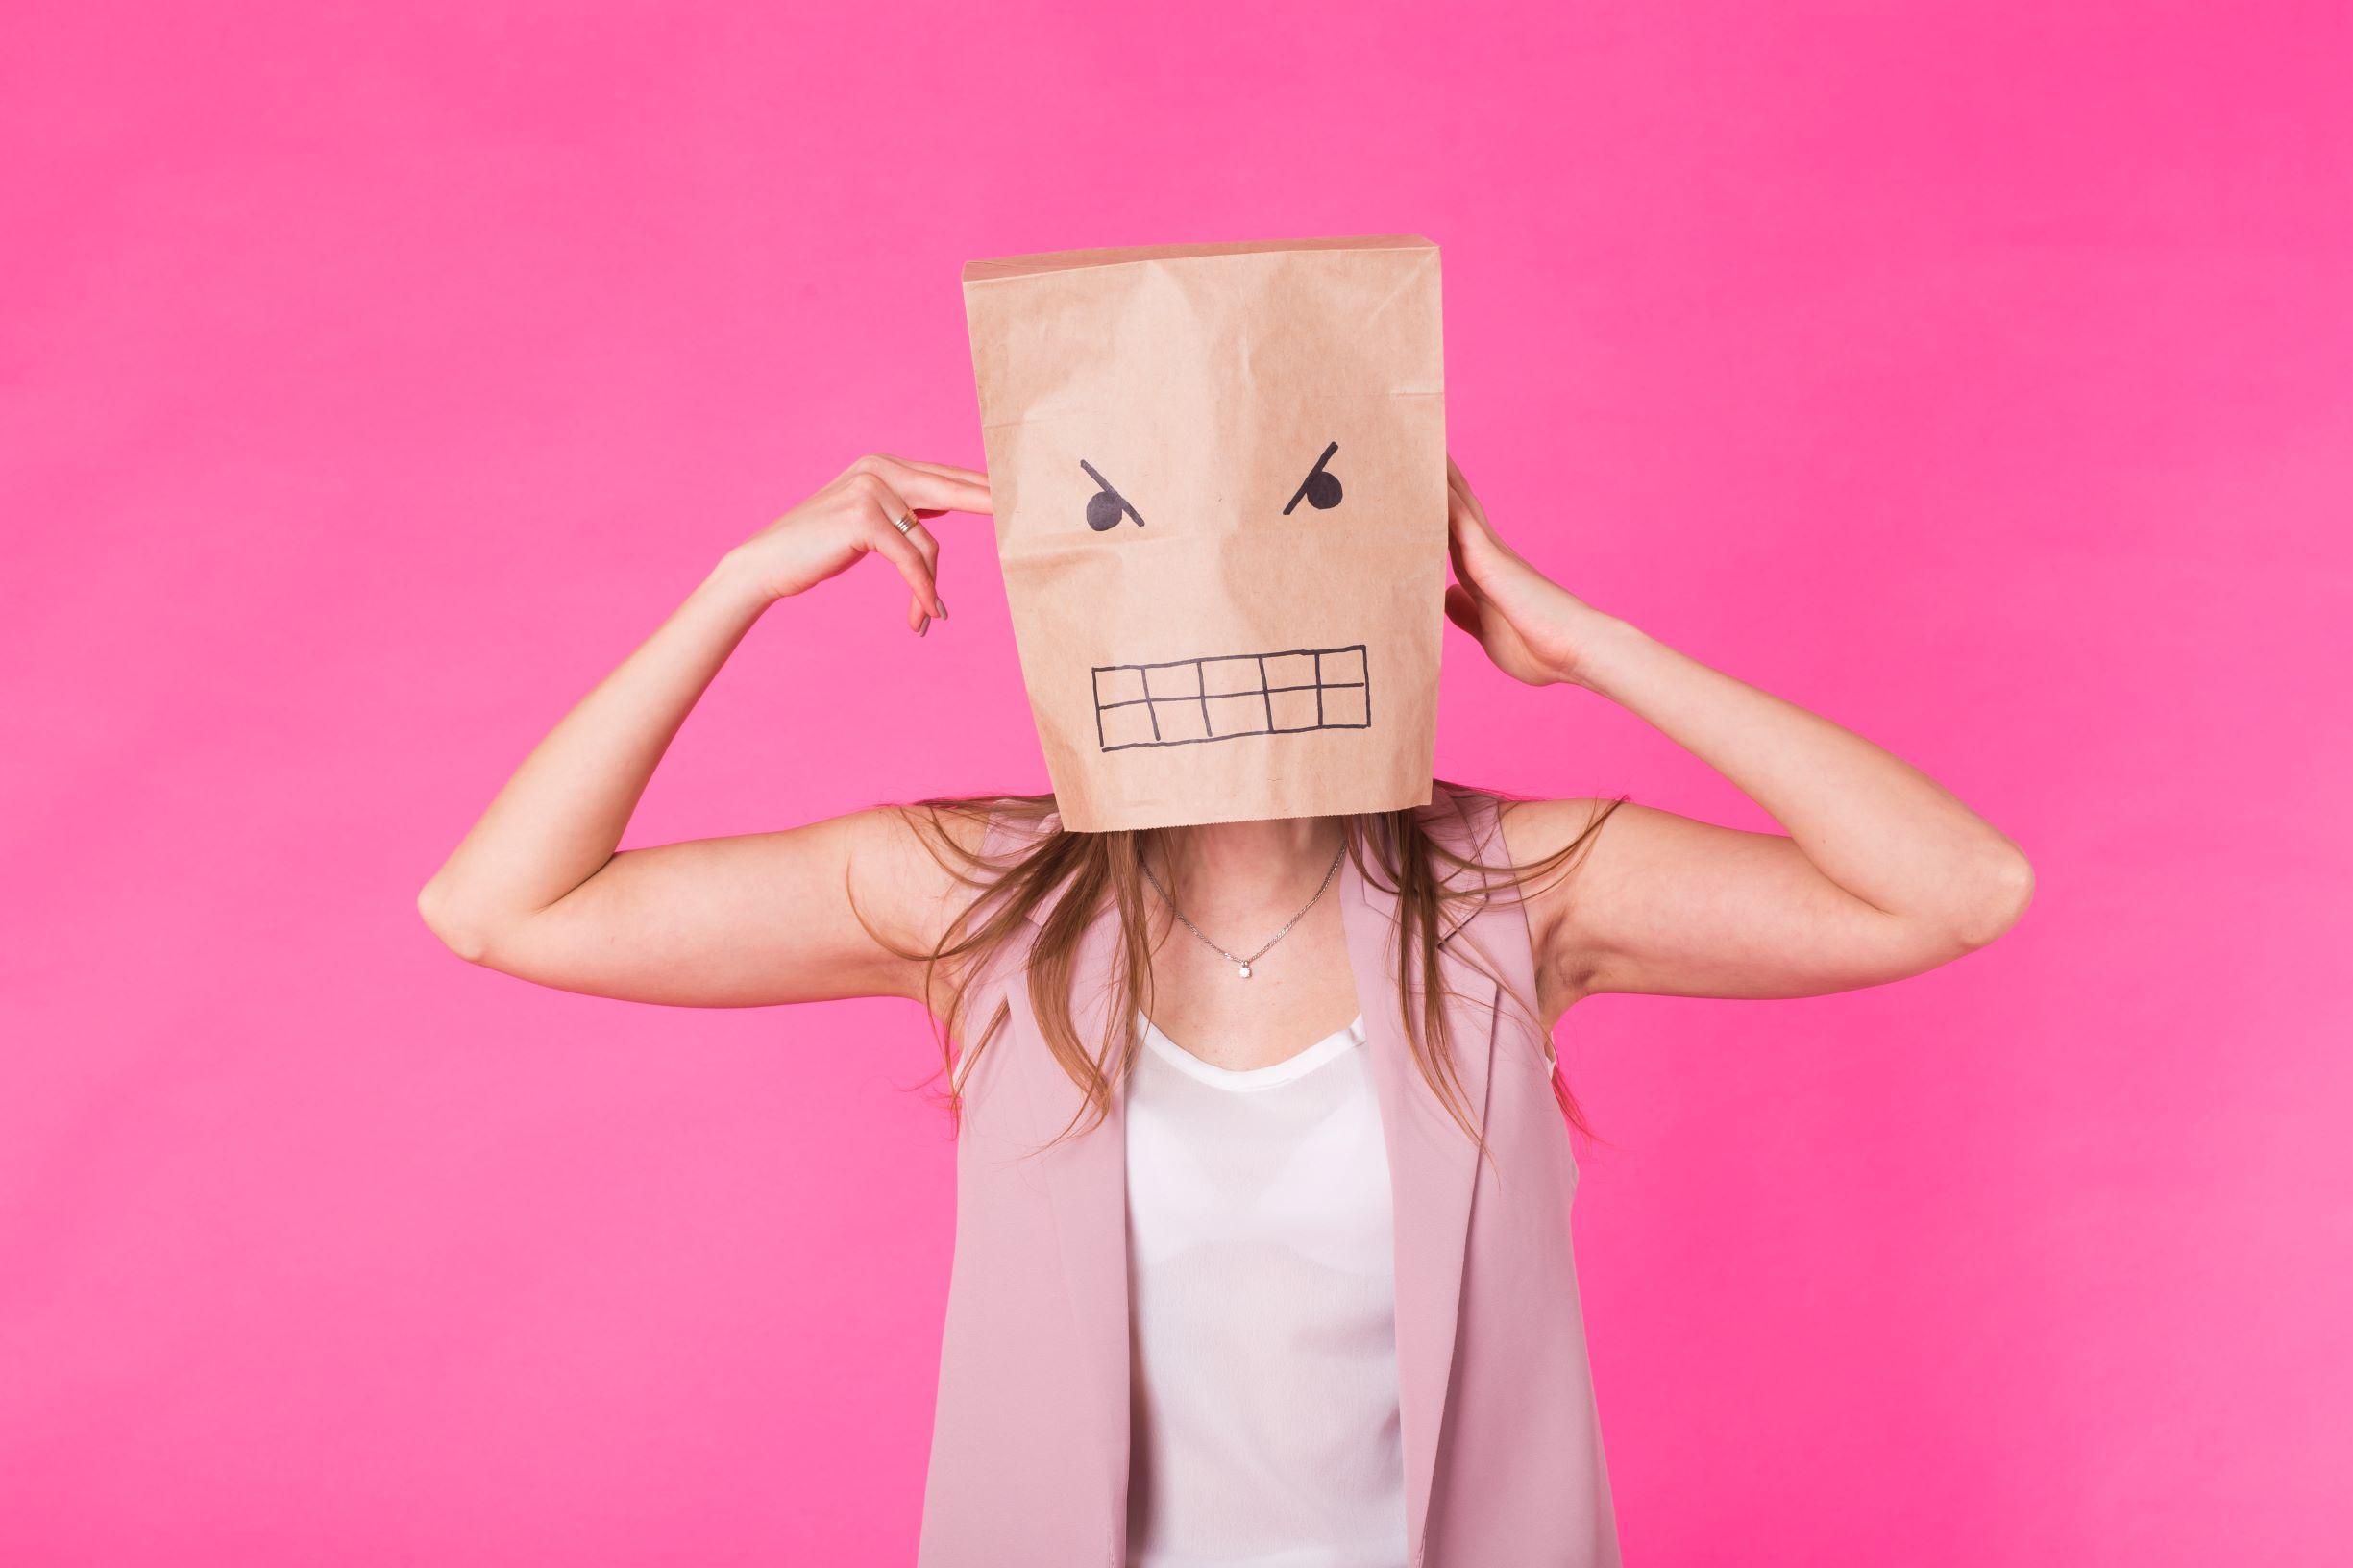 激怒や恨みといった「偽物の怒り」の正体